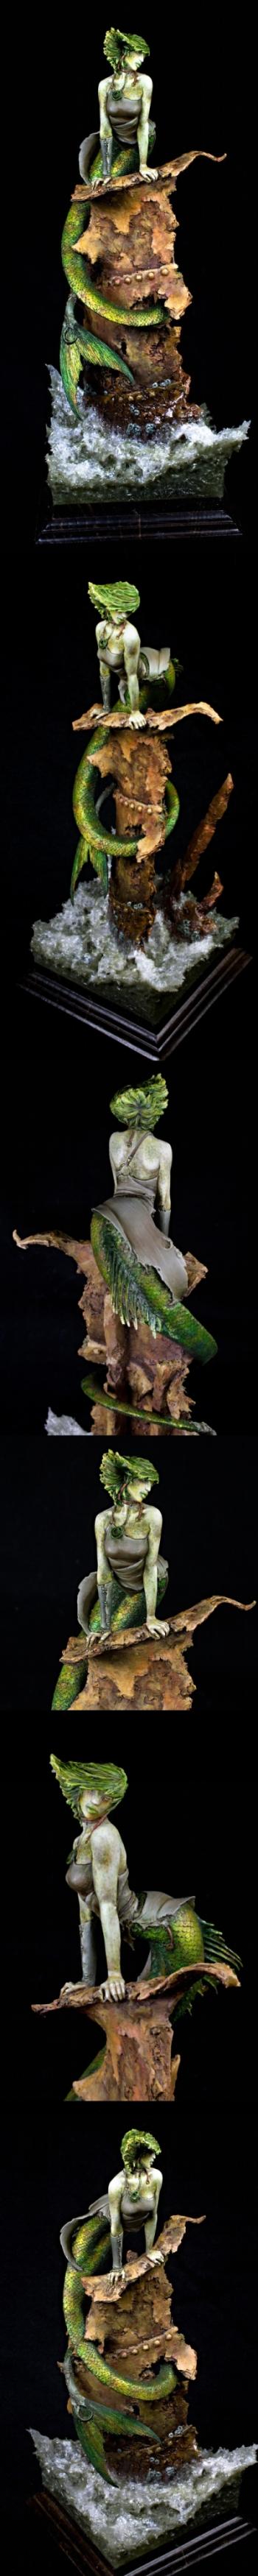 Sirena - Origen Art